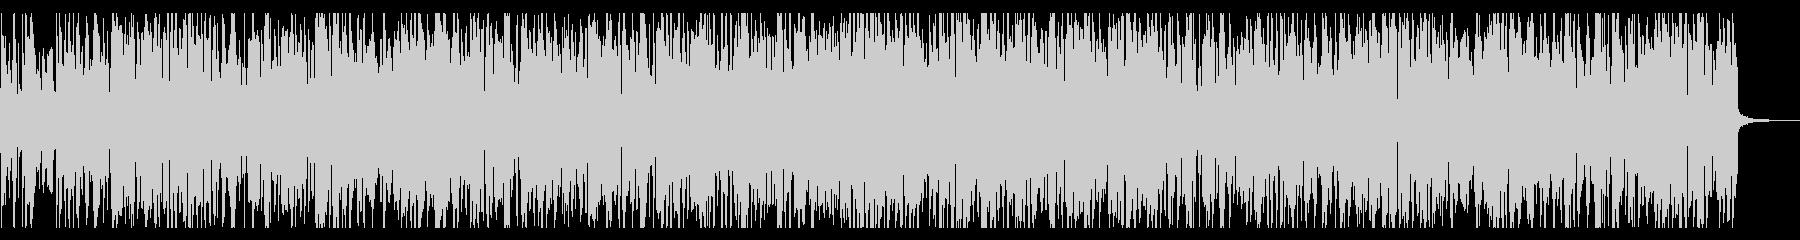 リコーダーがかわいいほのぼの 日常 配信の未再生の波形